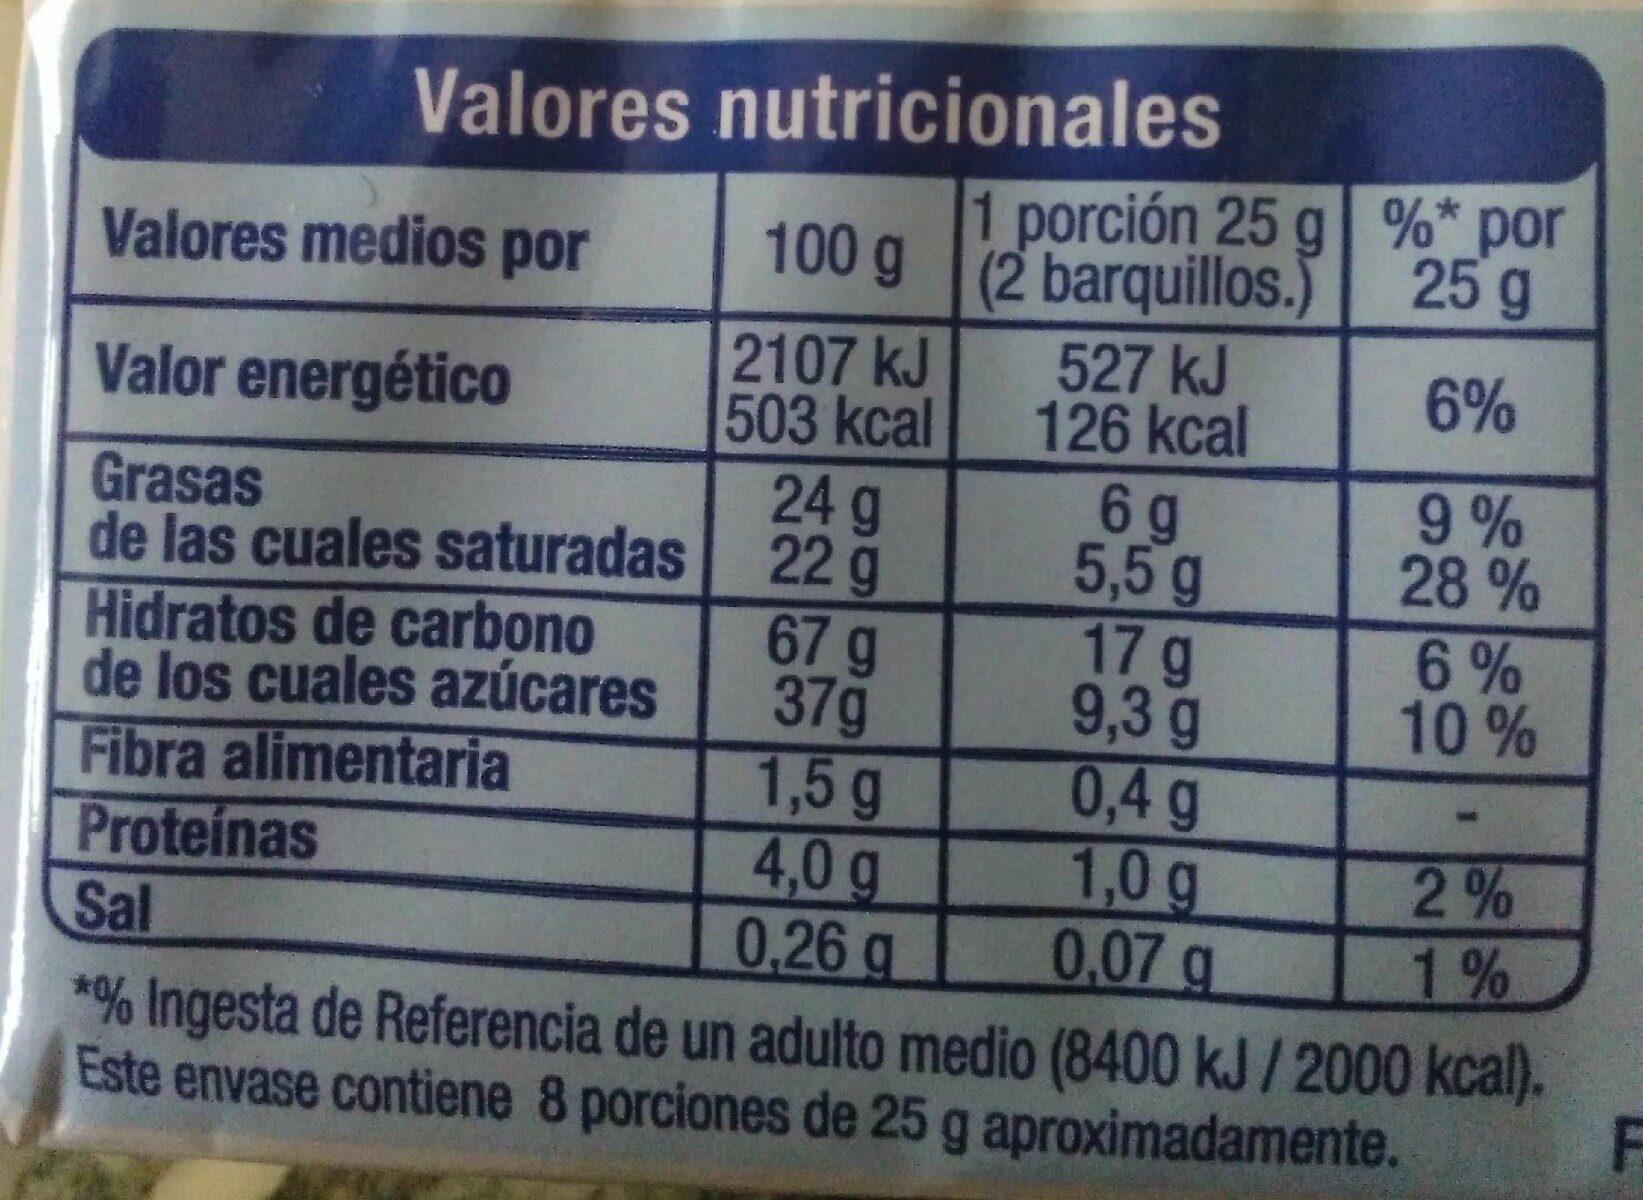 Barquillo relleno con nata - Nutrition facts - es